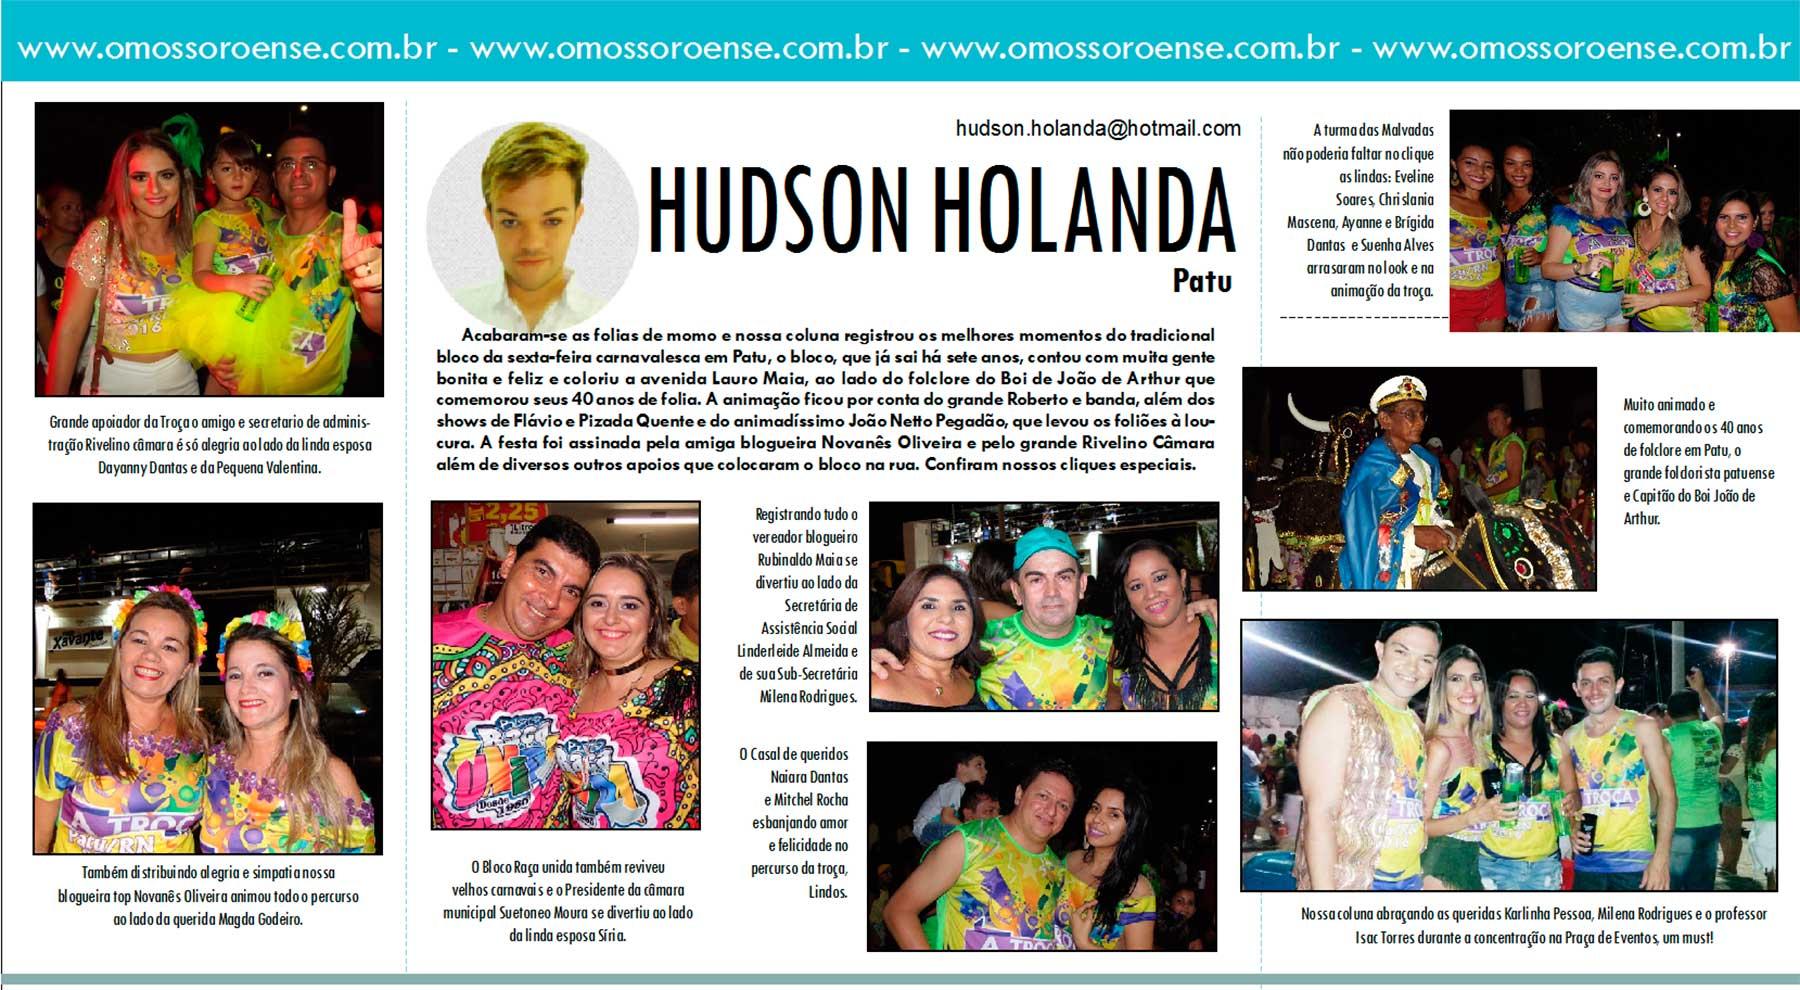 HUDSON-HOLANDA-11-02-16